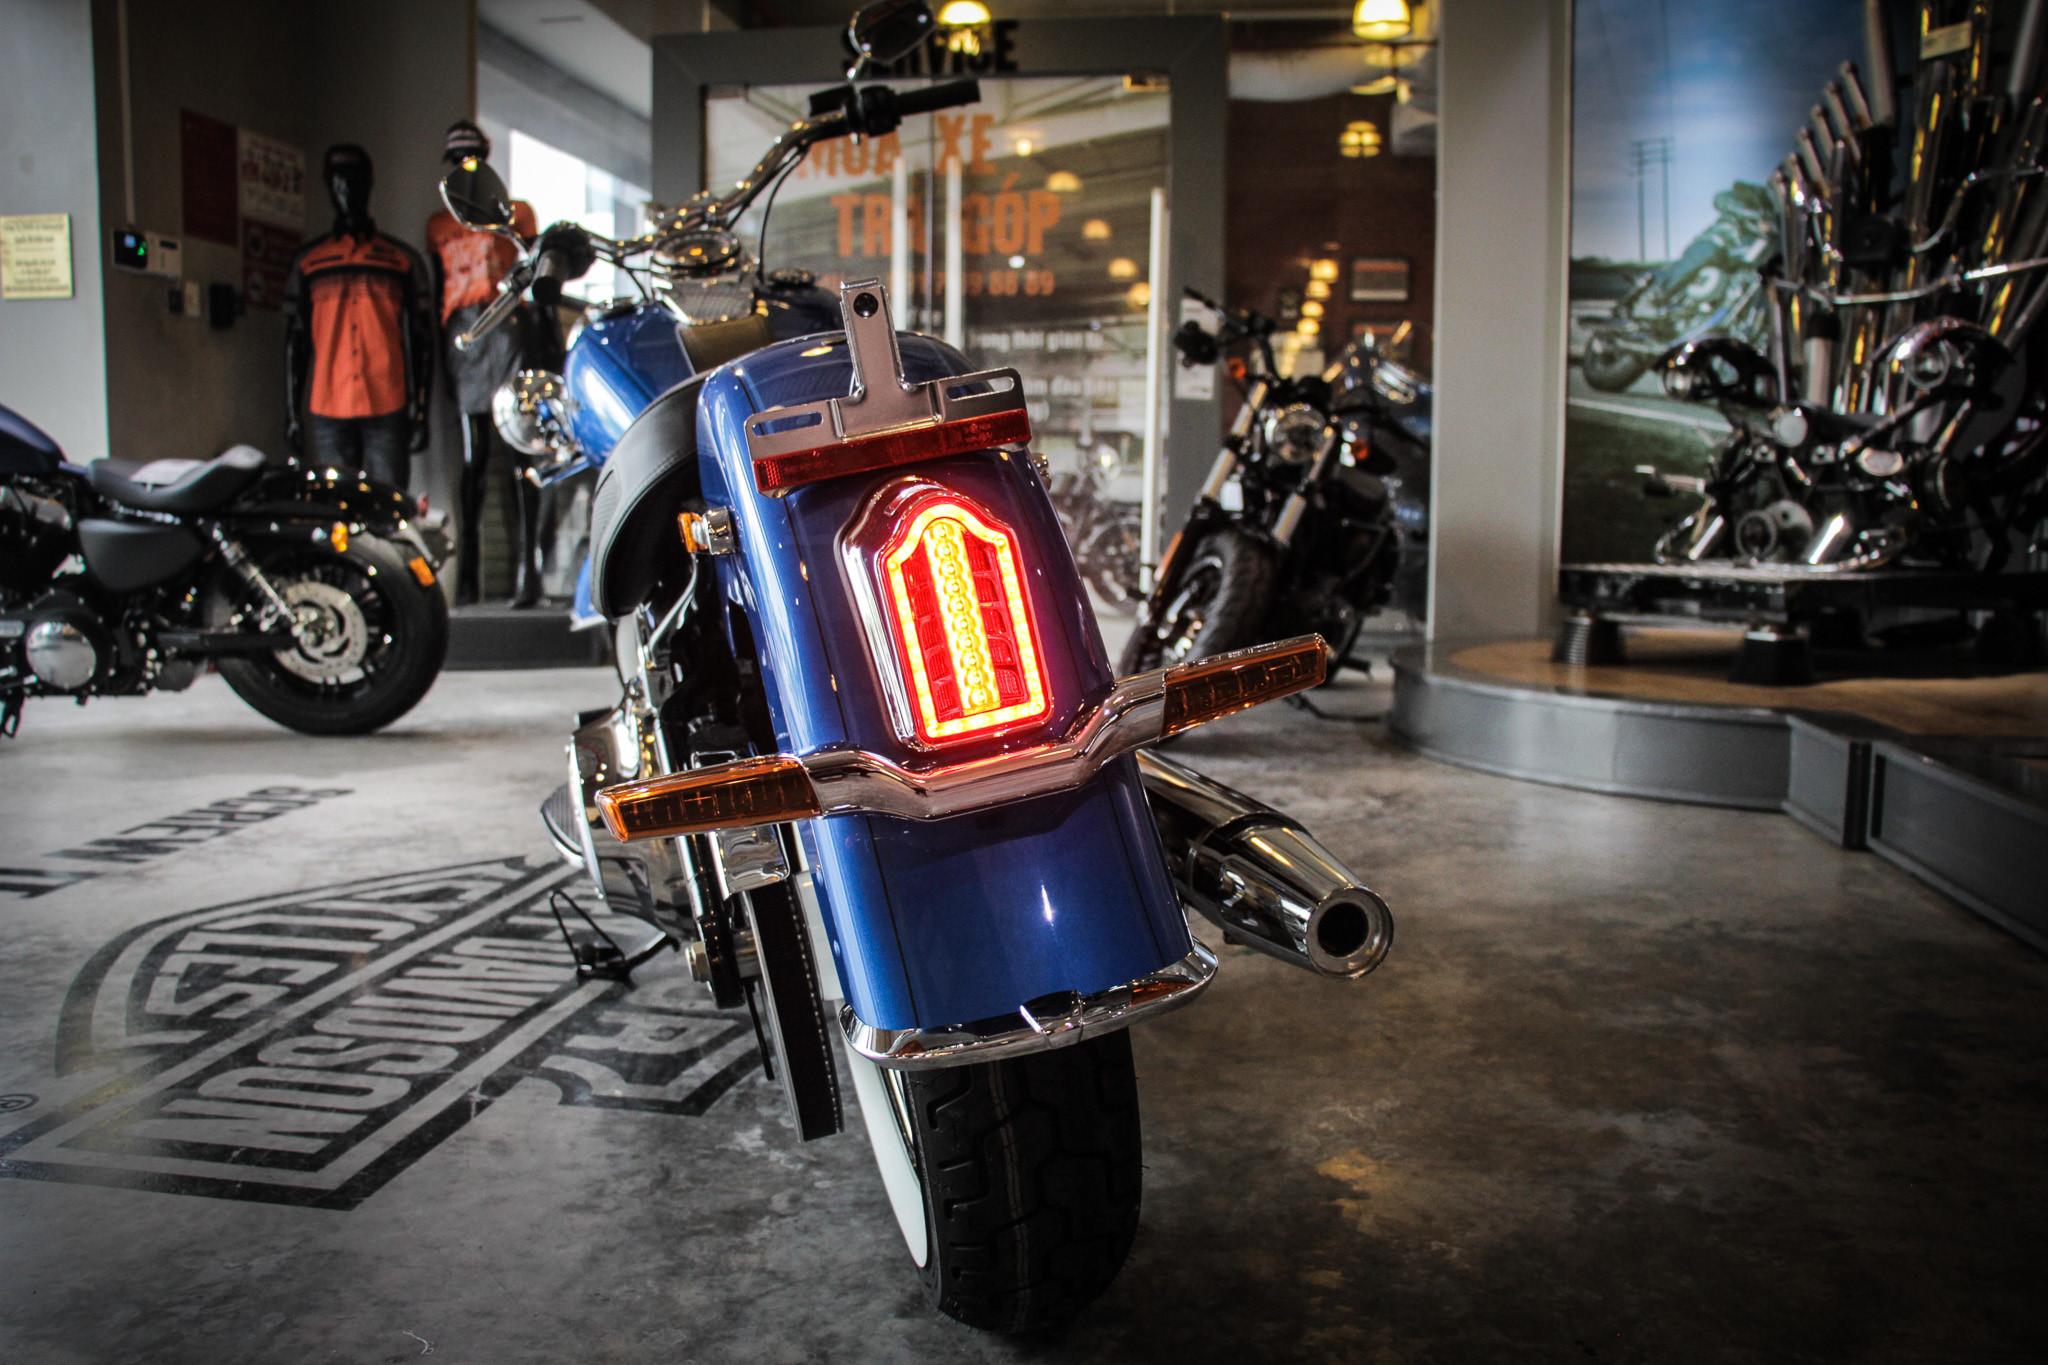 Thị trường xe - Harley-Davidson Softail Deluxe 2018 độc nhất Việt Nam ngang giá Camry có gì? (Hình 6).